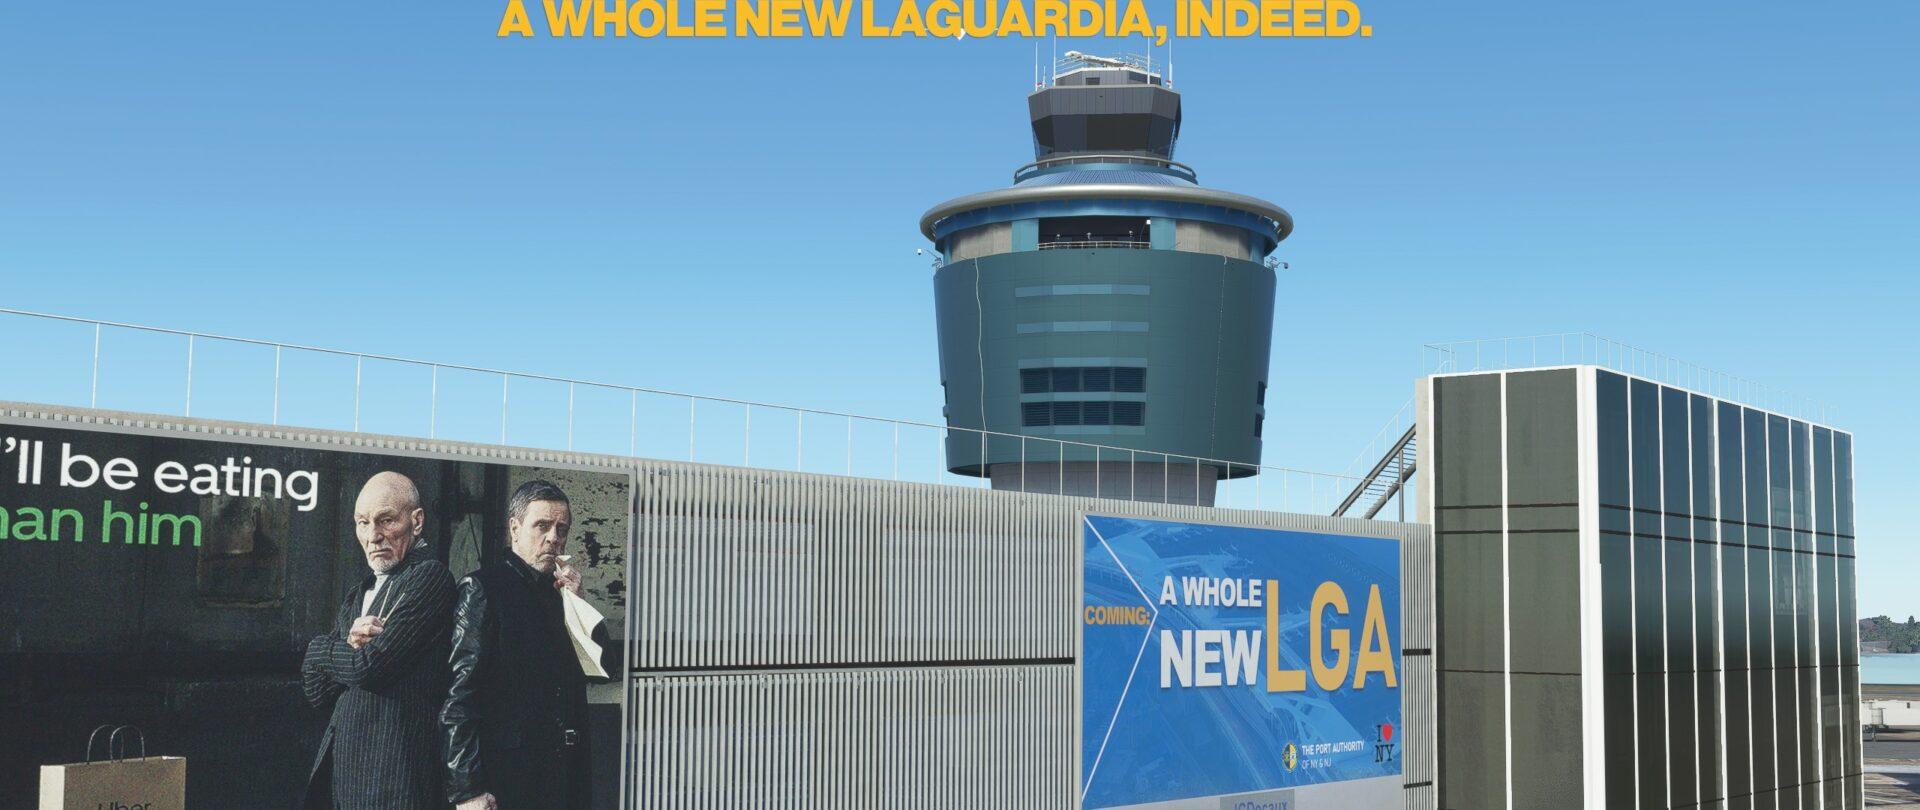 Microsoft Flight Simulator Laguardia